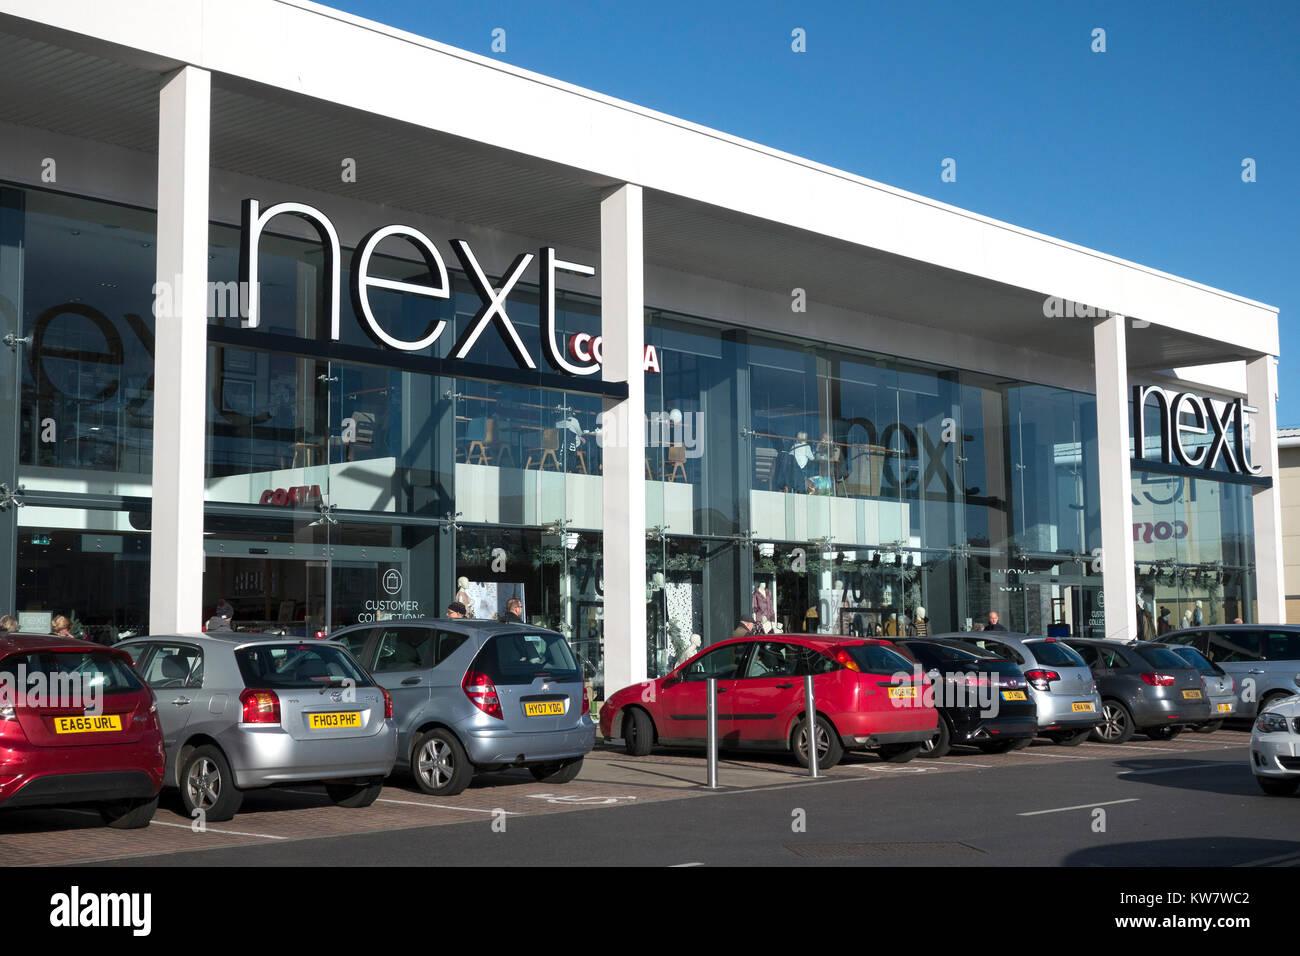 Next store at Solent Retail Park, Havant, Hampshire, UK - Stock Image